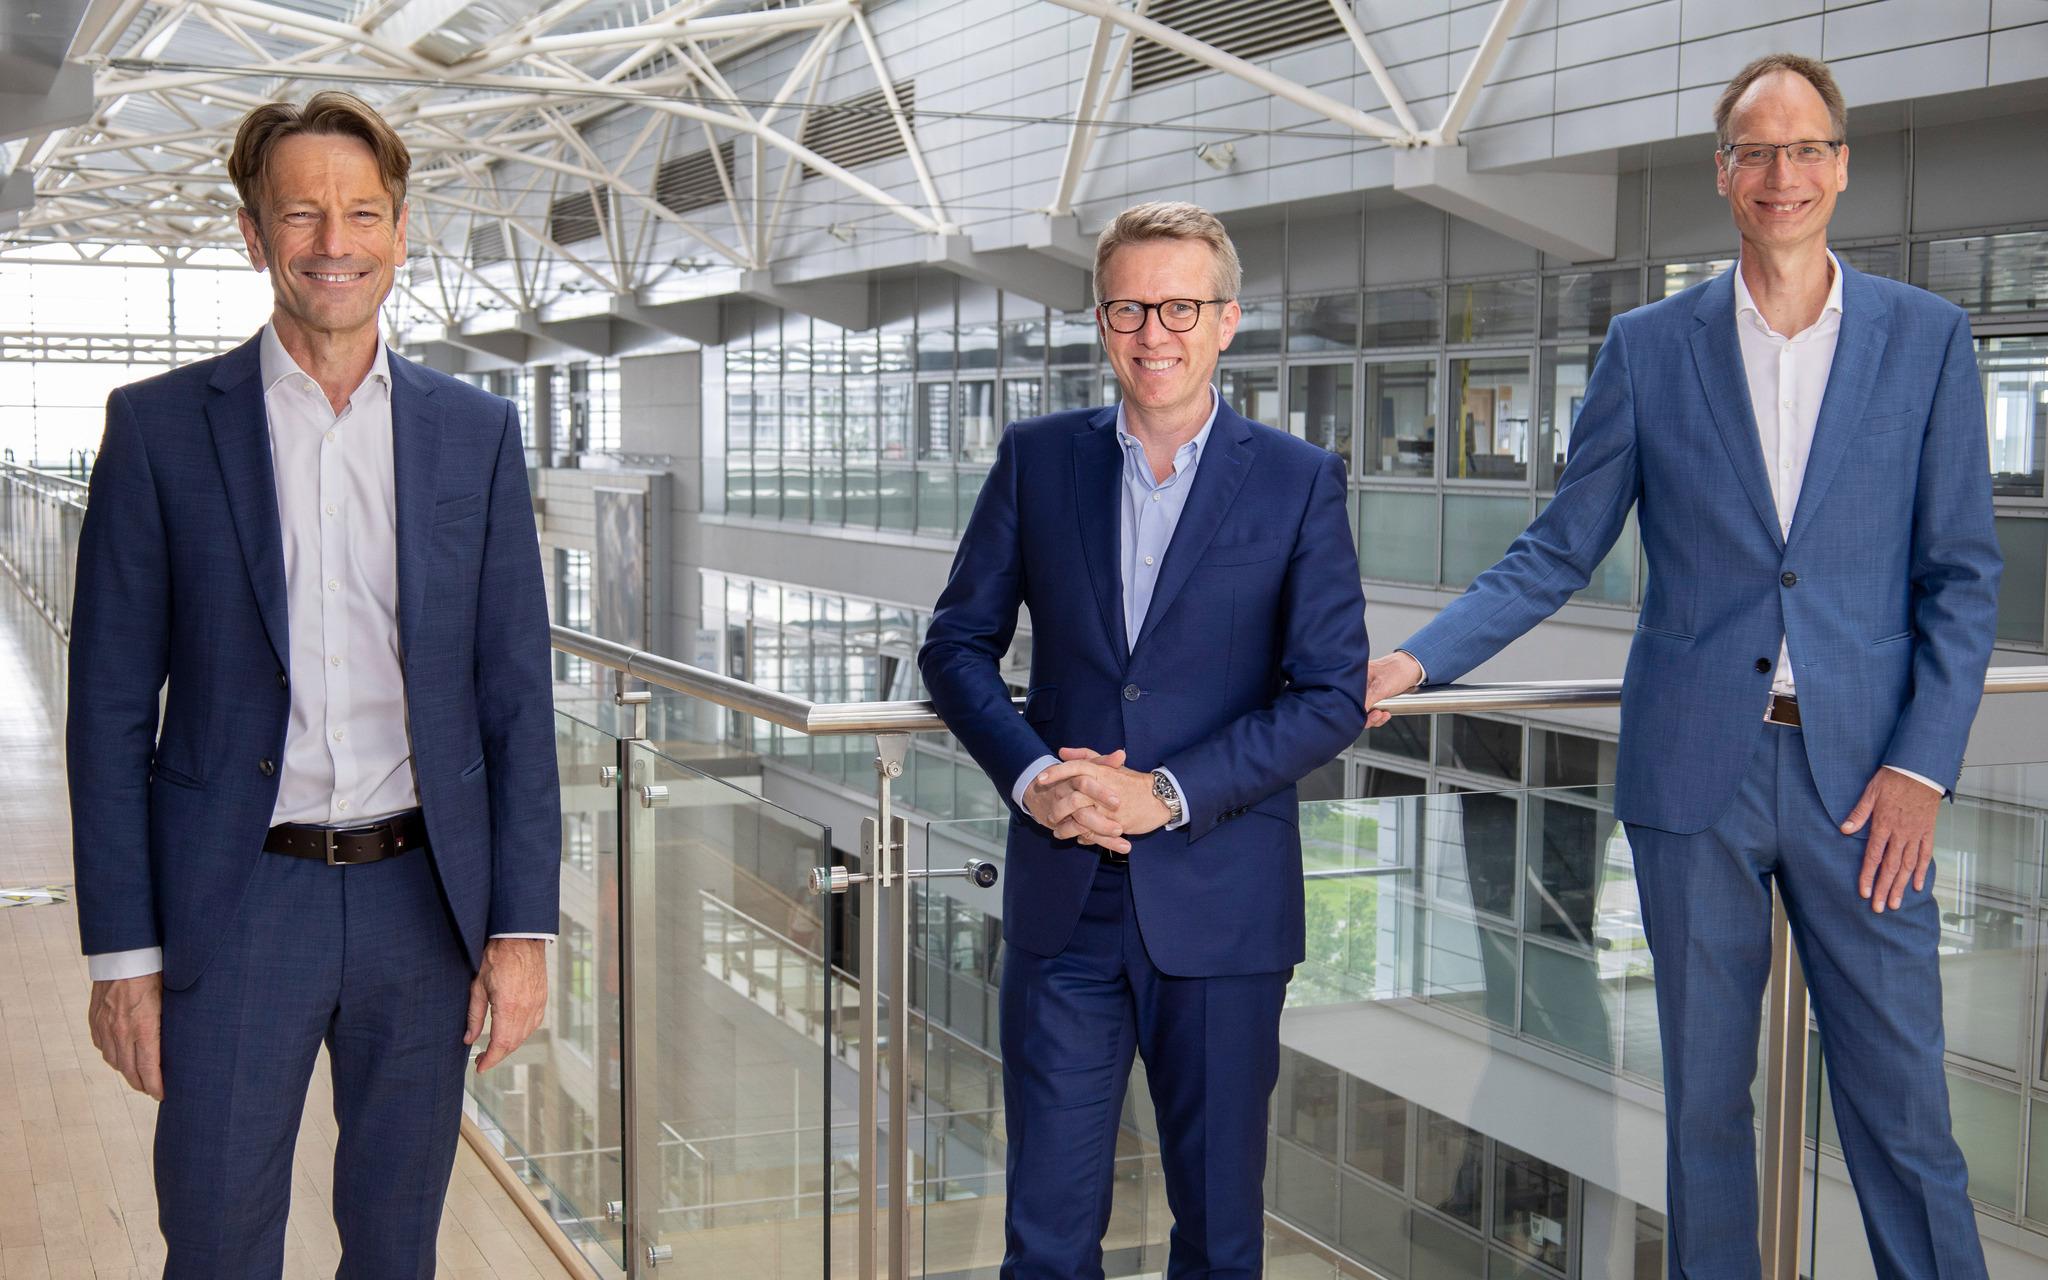 Uwe Hochgeschurtz; Xavier Chereau; Michael Lohscheller